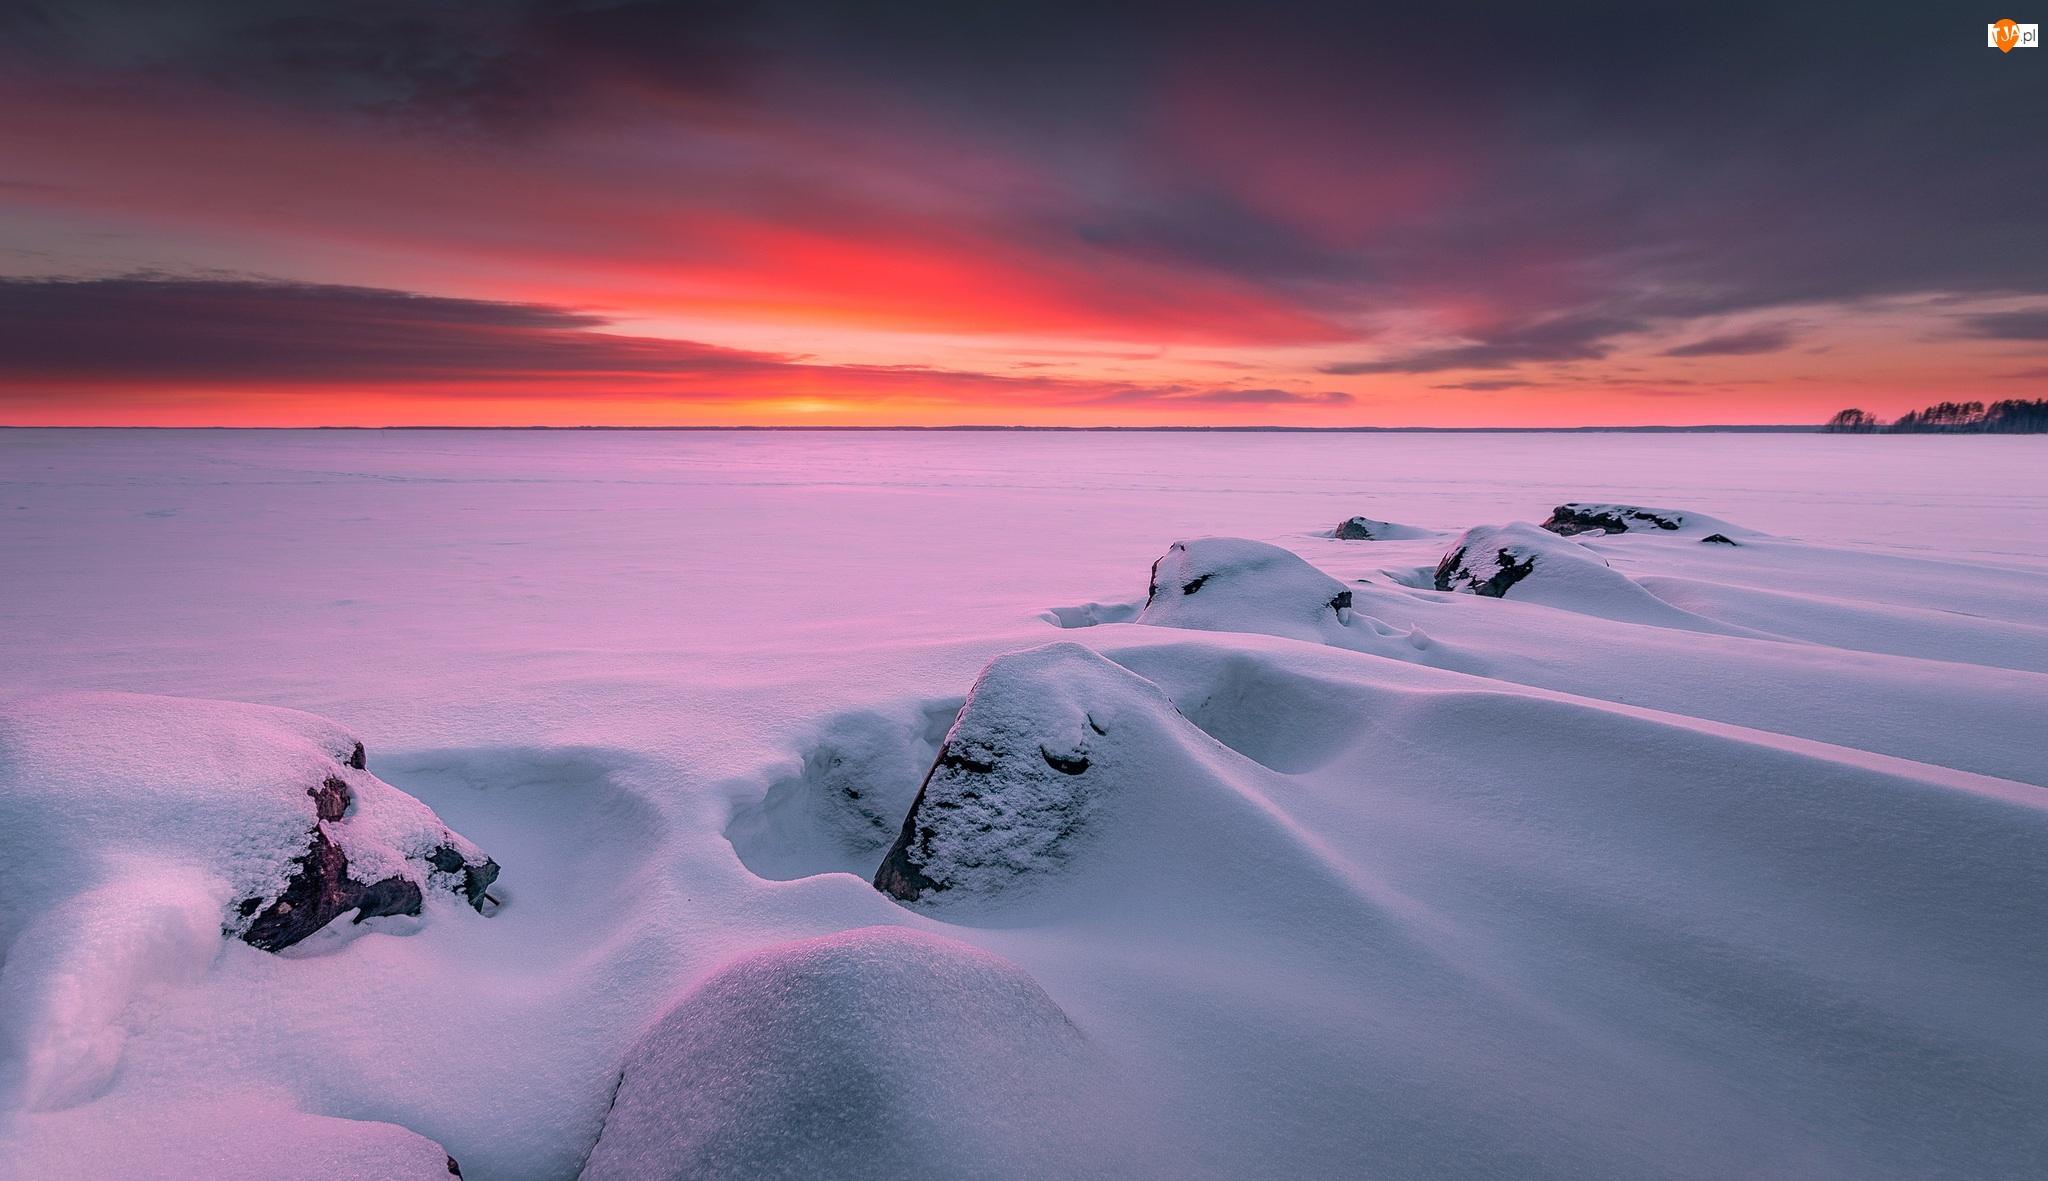 Zima, Finlandia, Jezioro, Śnieg, Północna Karelia, Zachód słońca, Skały, Joensuu